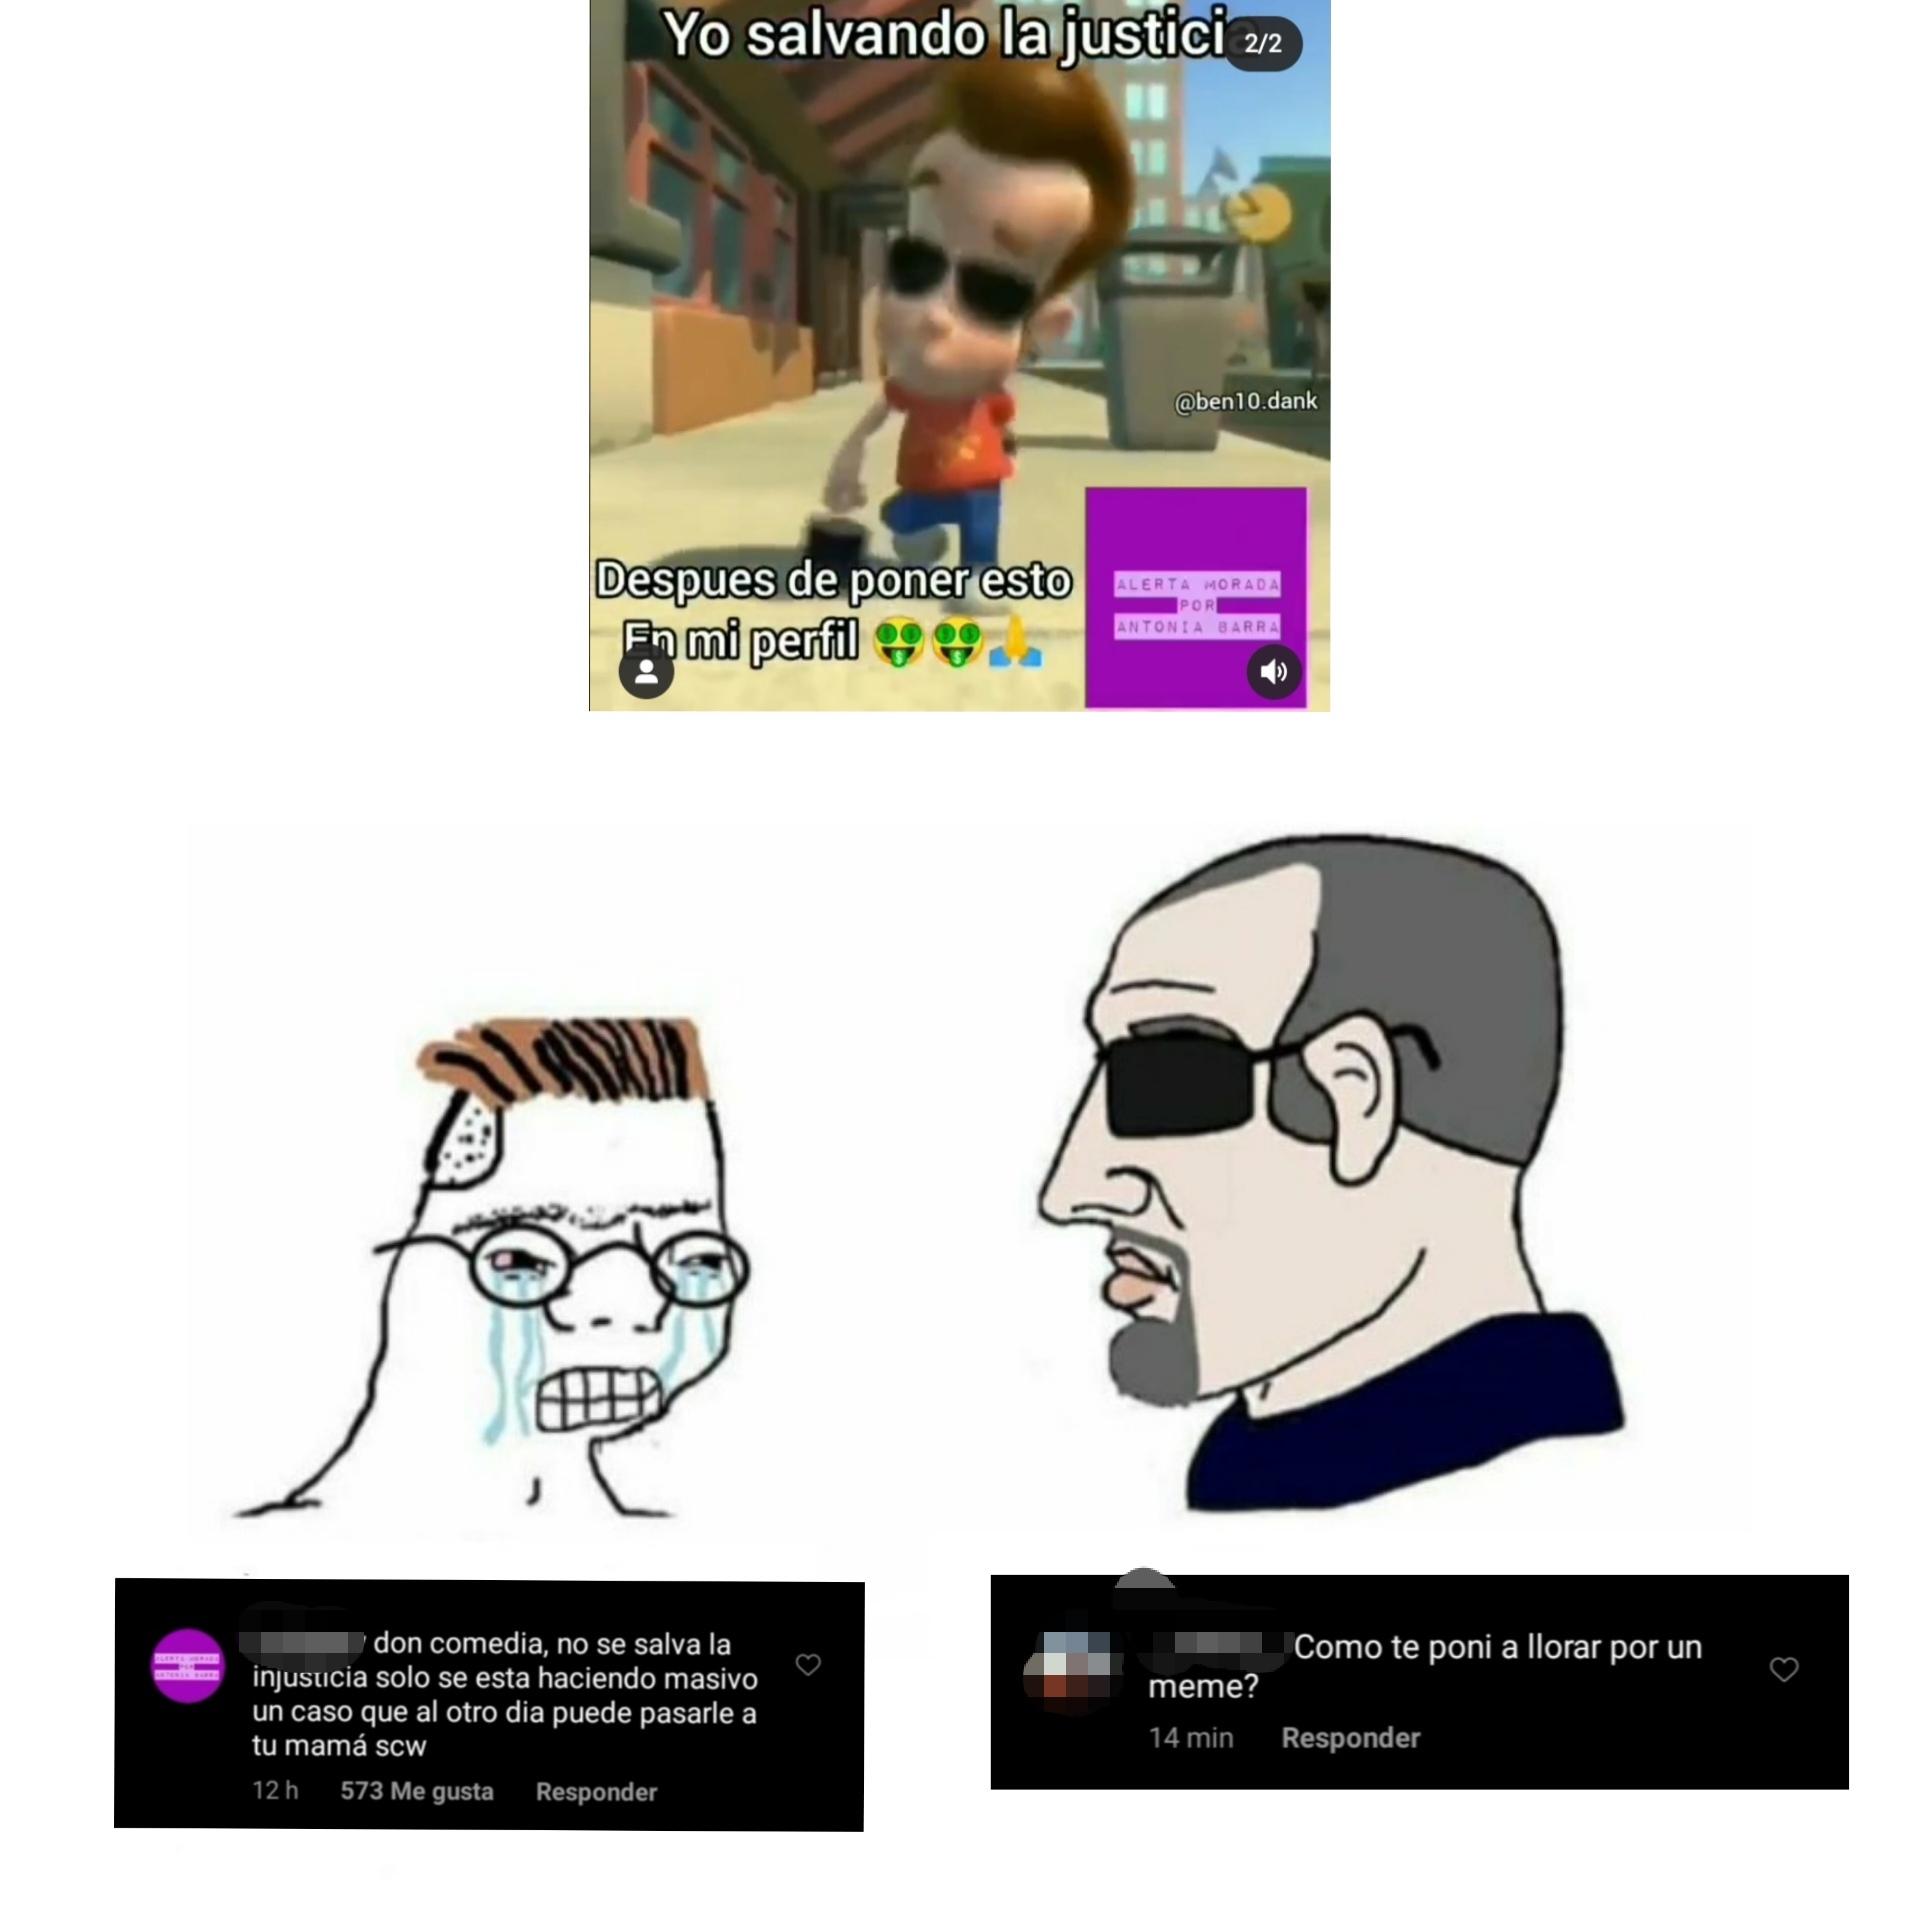 Nosequeponer - meme